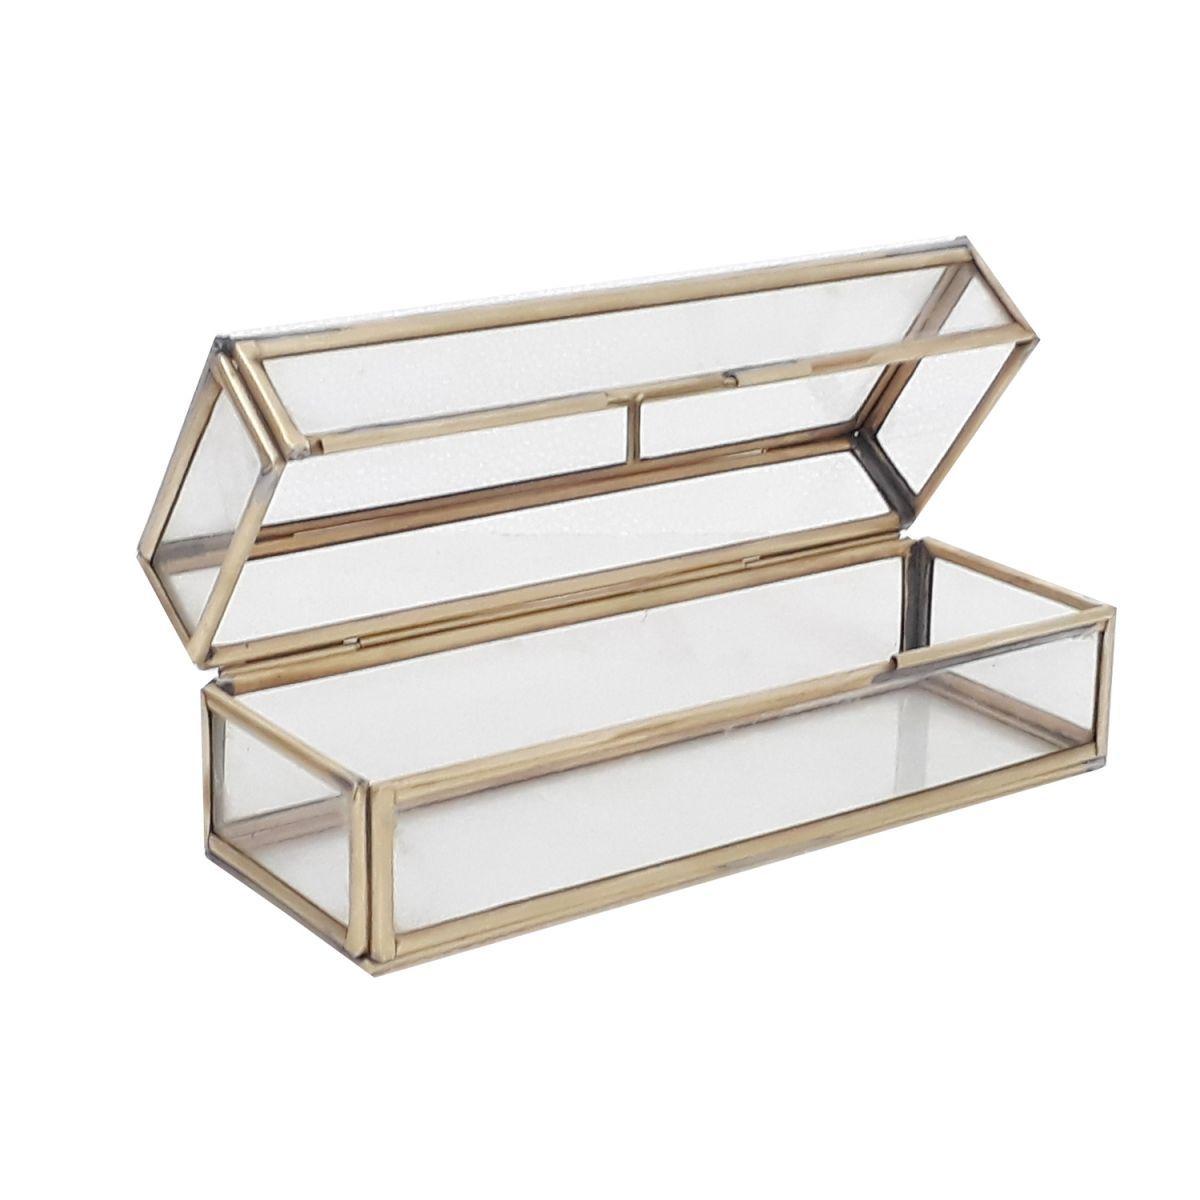 decoratief doosje glas goud tint 185x65x65cm rechthoekig